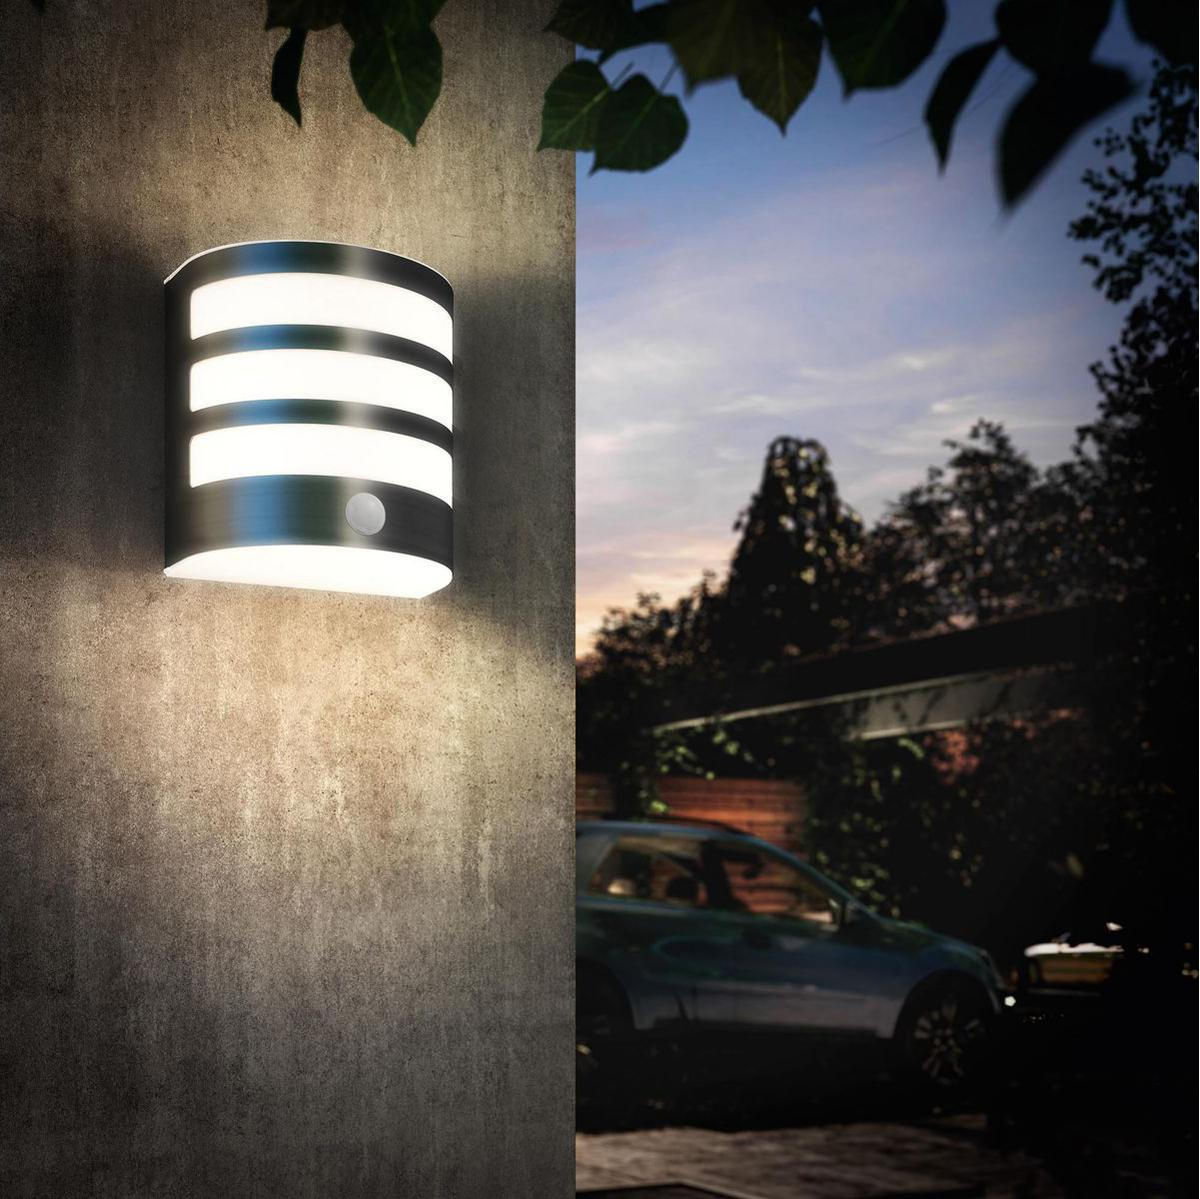 Philips LED Außenleuchte IR 3,5W Calgary Warmweiß 17315/47/16